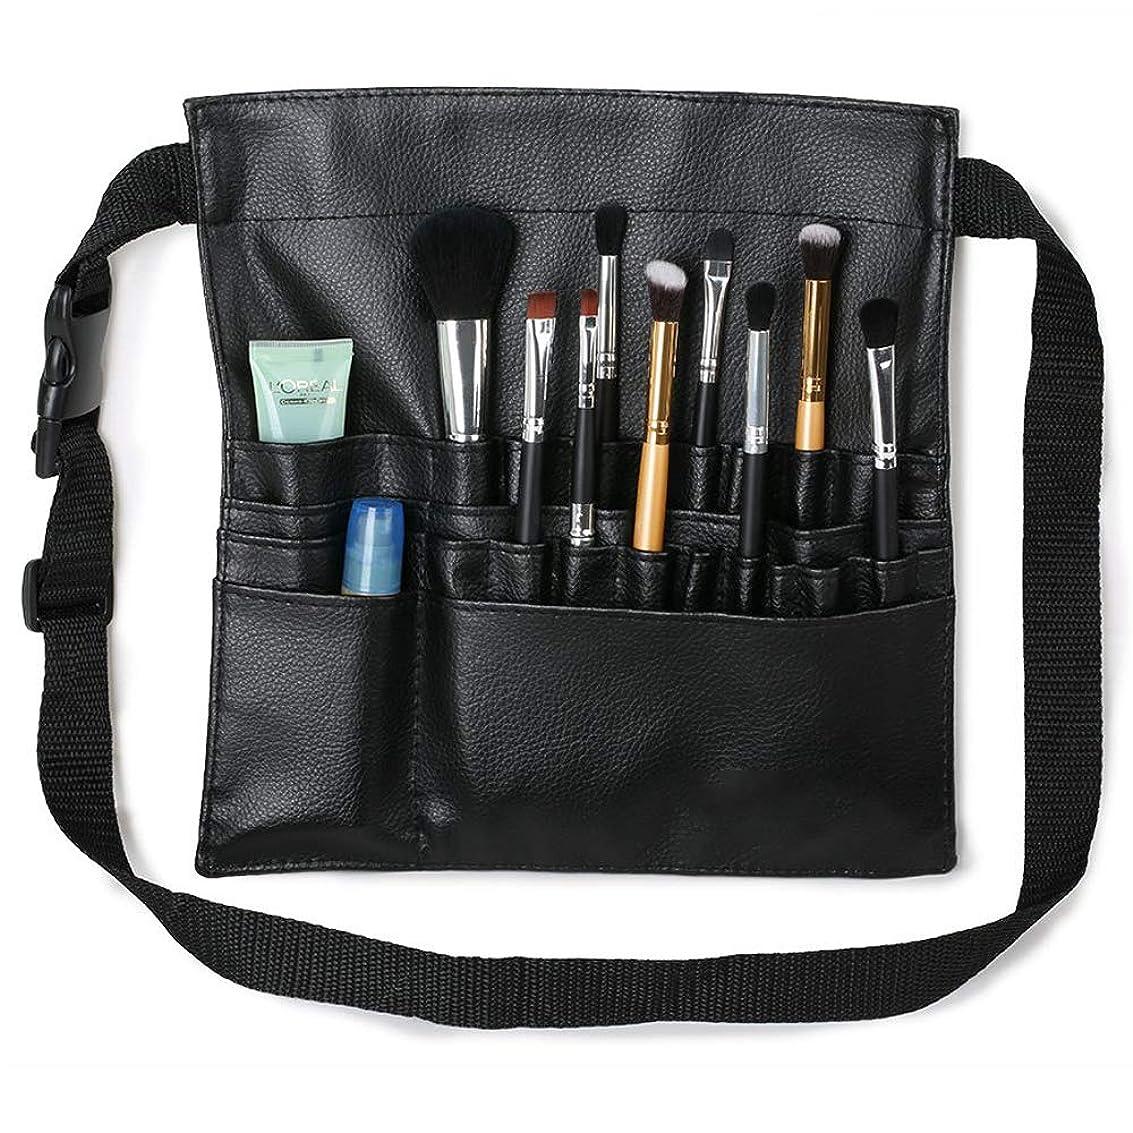 メイクブラシケース 腰巻き 22ポケット メイクウエストバッグ プロのメイクアップアーティスト用化粧バッグ